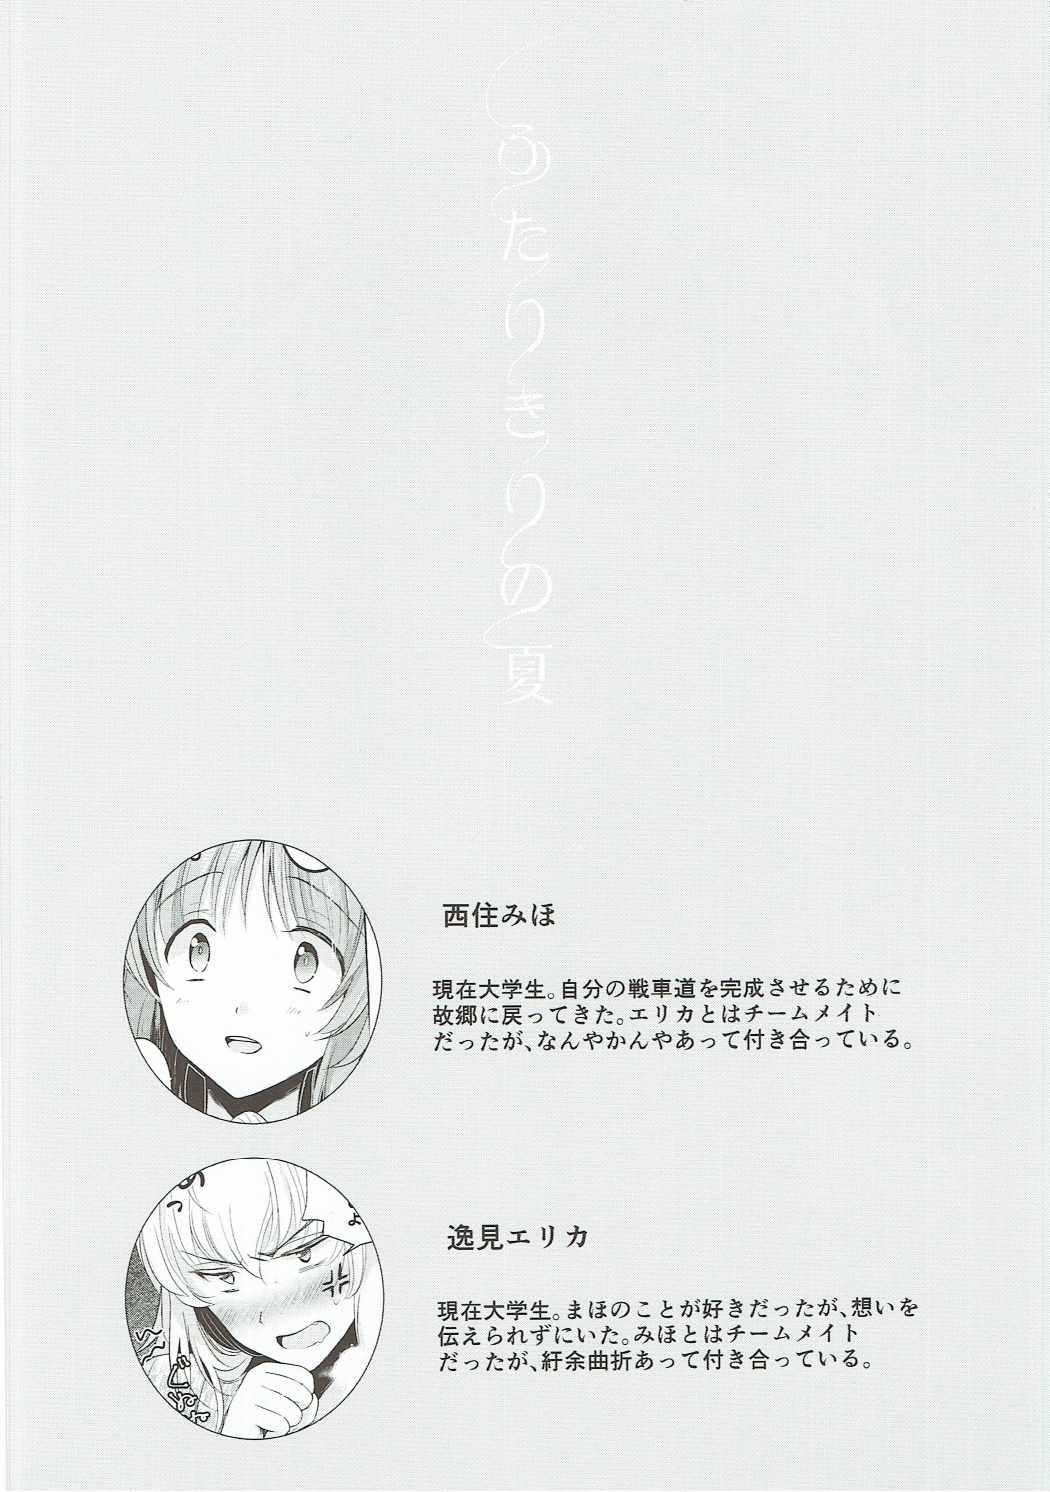 Futarikiri no Natsu 2